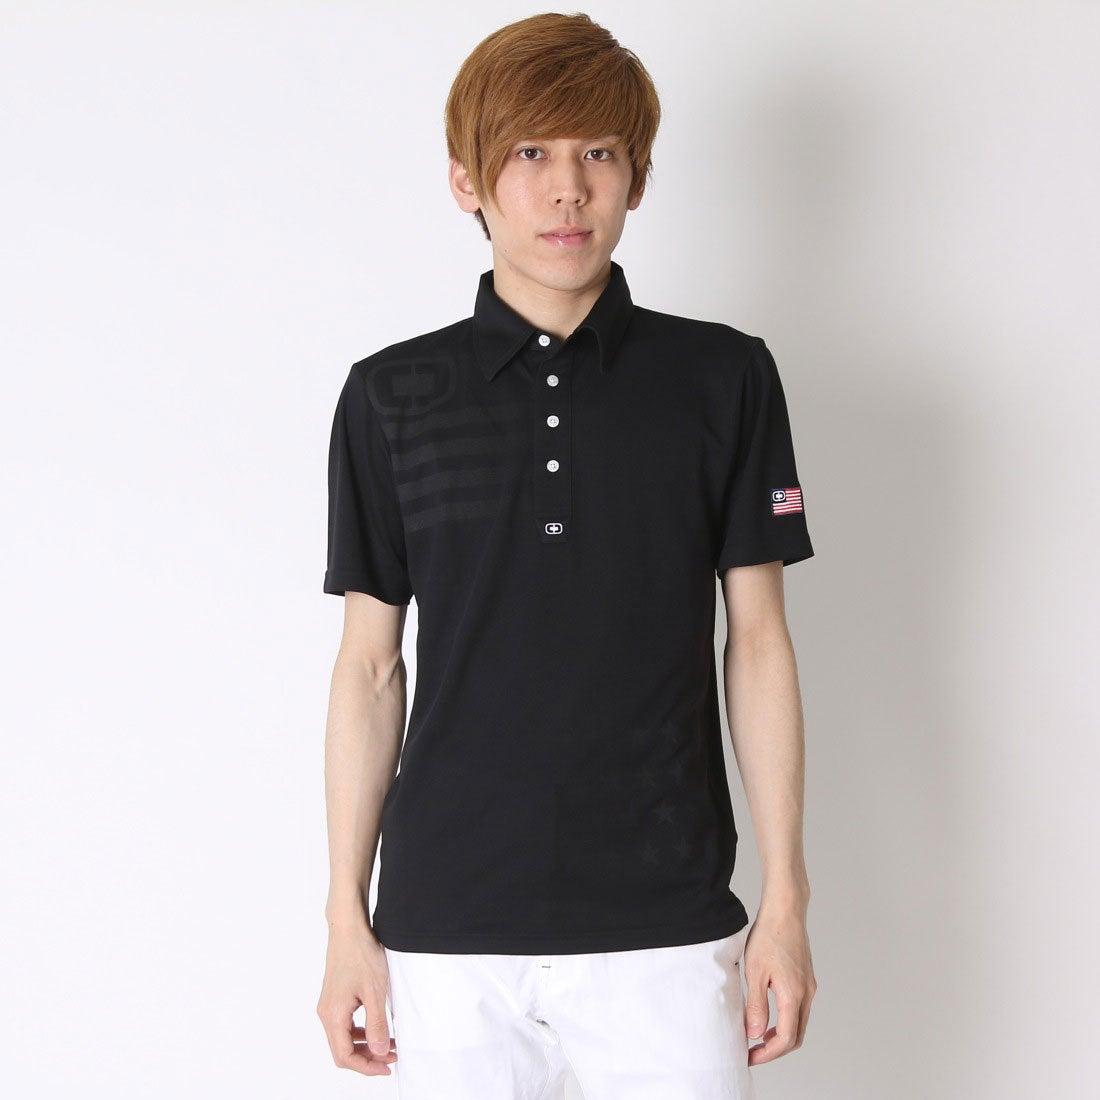 【SALE 60%OFF】【アウトレット】オジオ OGIO  ゴルフシャツ メンズ 半袖シャツ 766602 メンズ